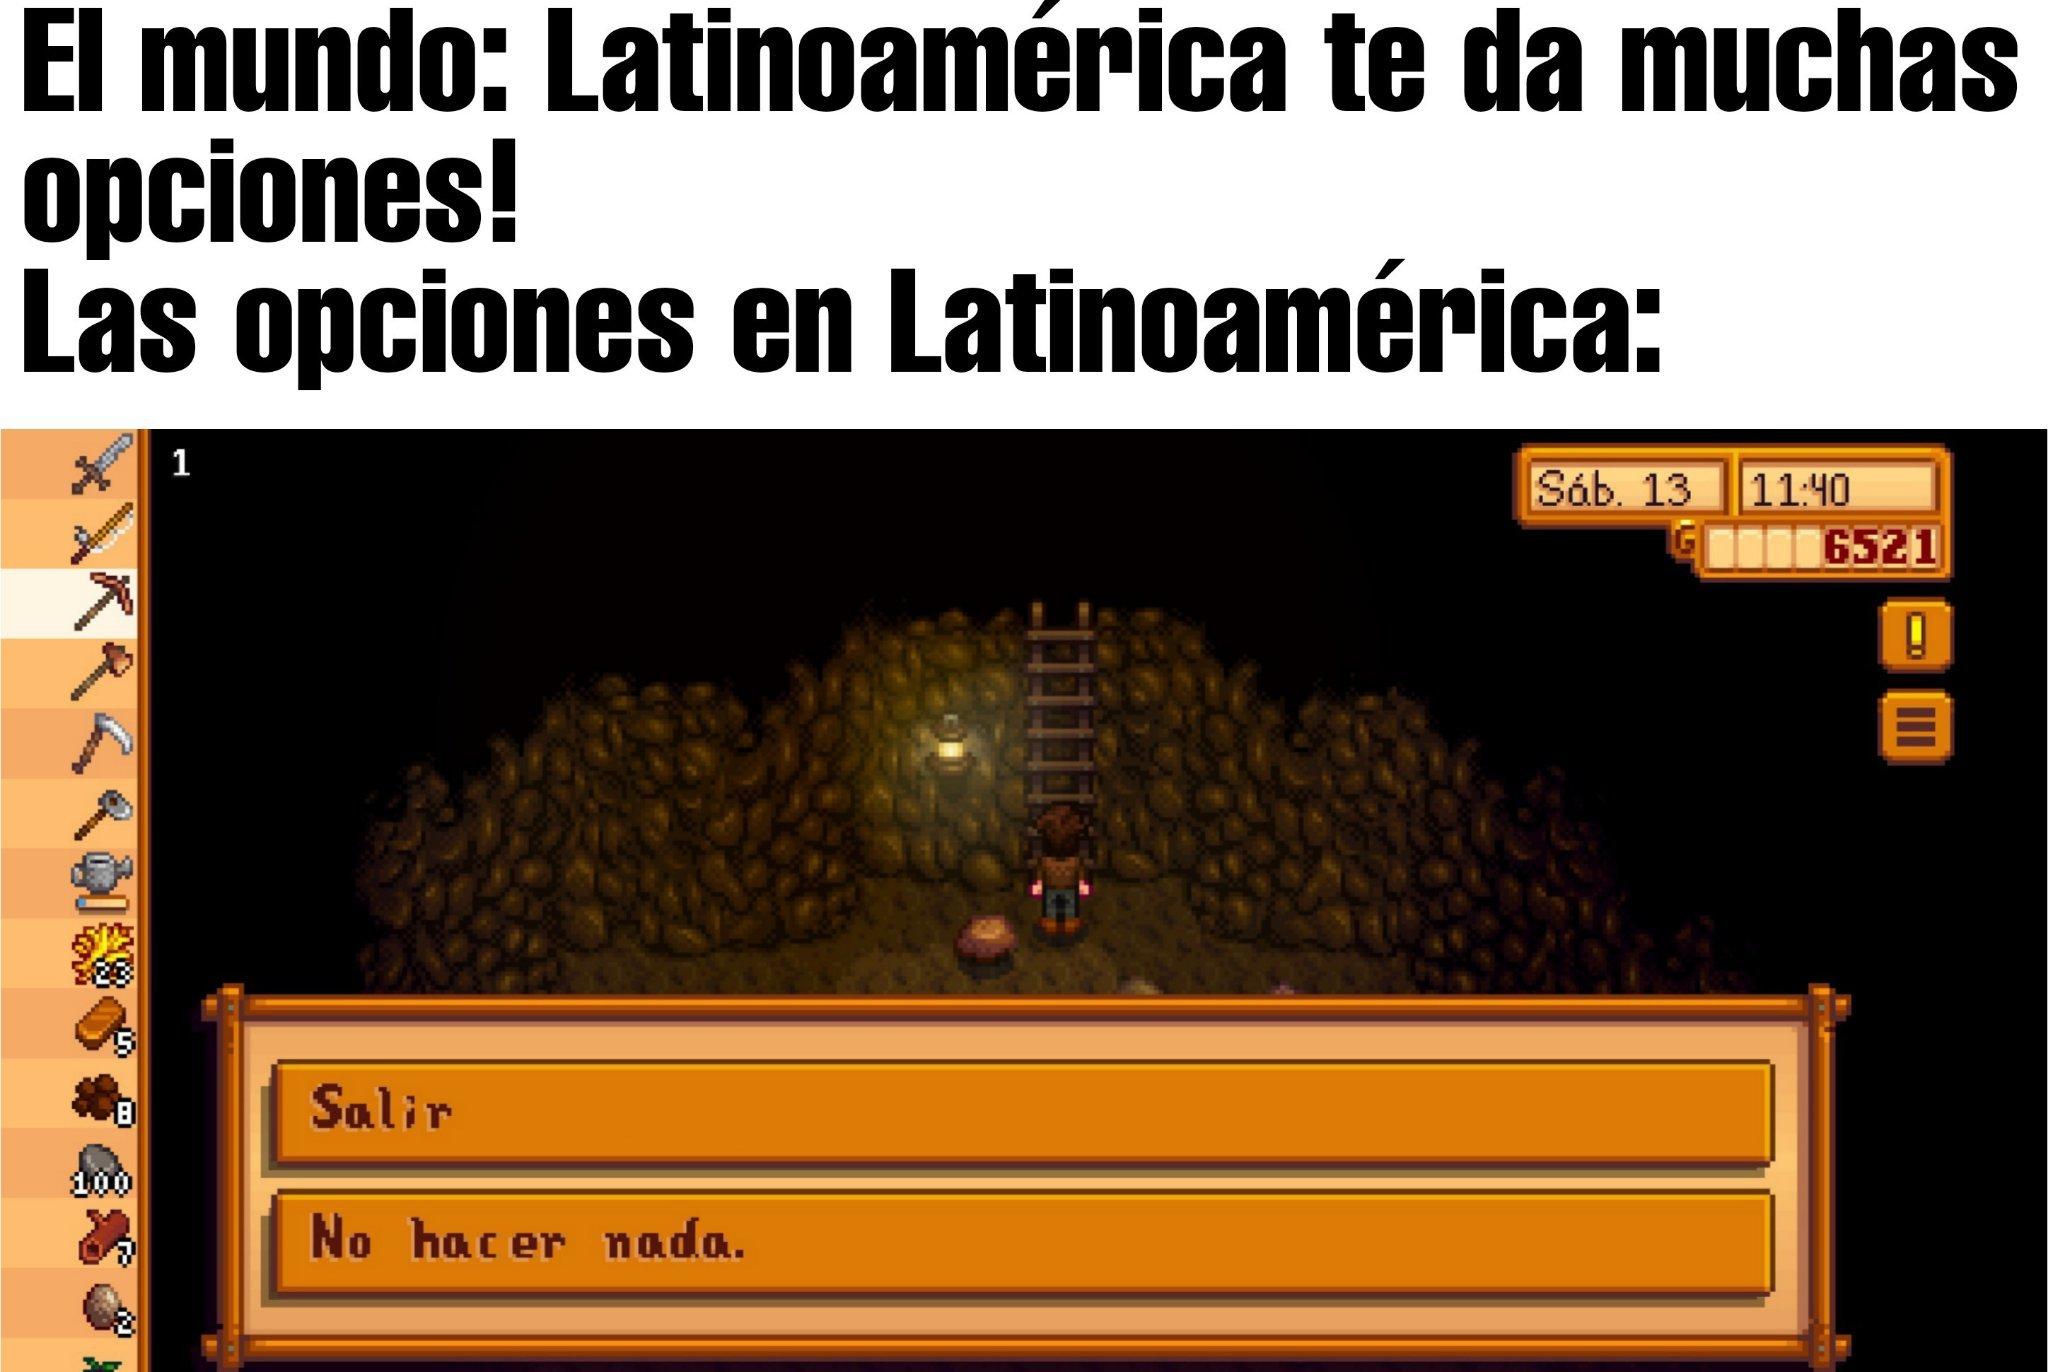 si algún día te sientes pelotudo recuerda que Dalas Review dijo que en Latinoamérica hay oportunidad de trabajo - meme